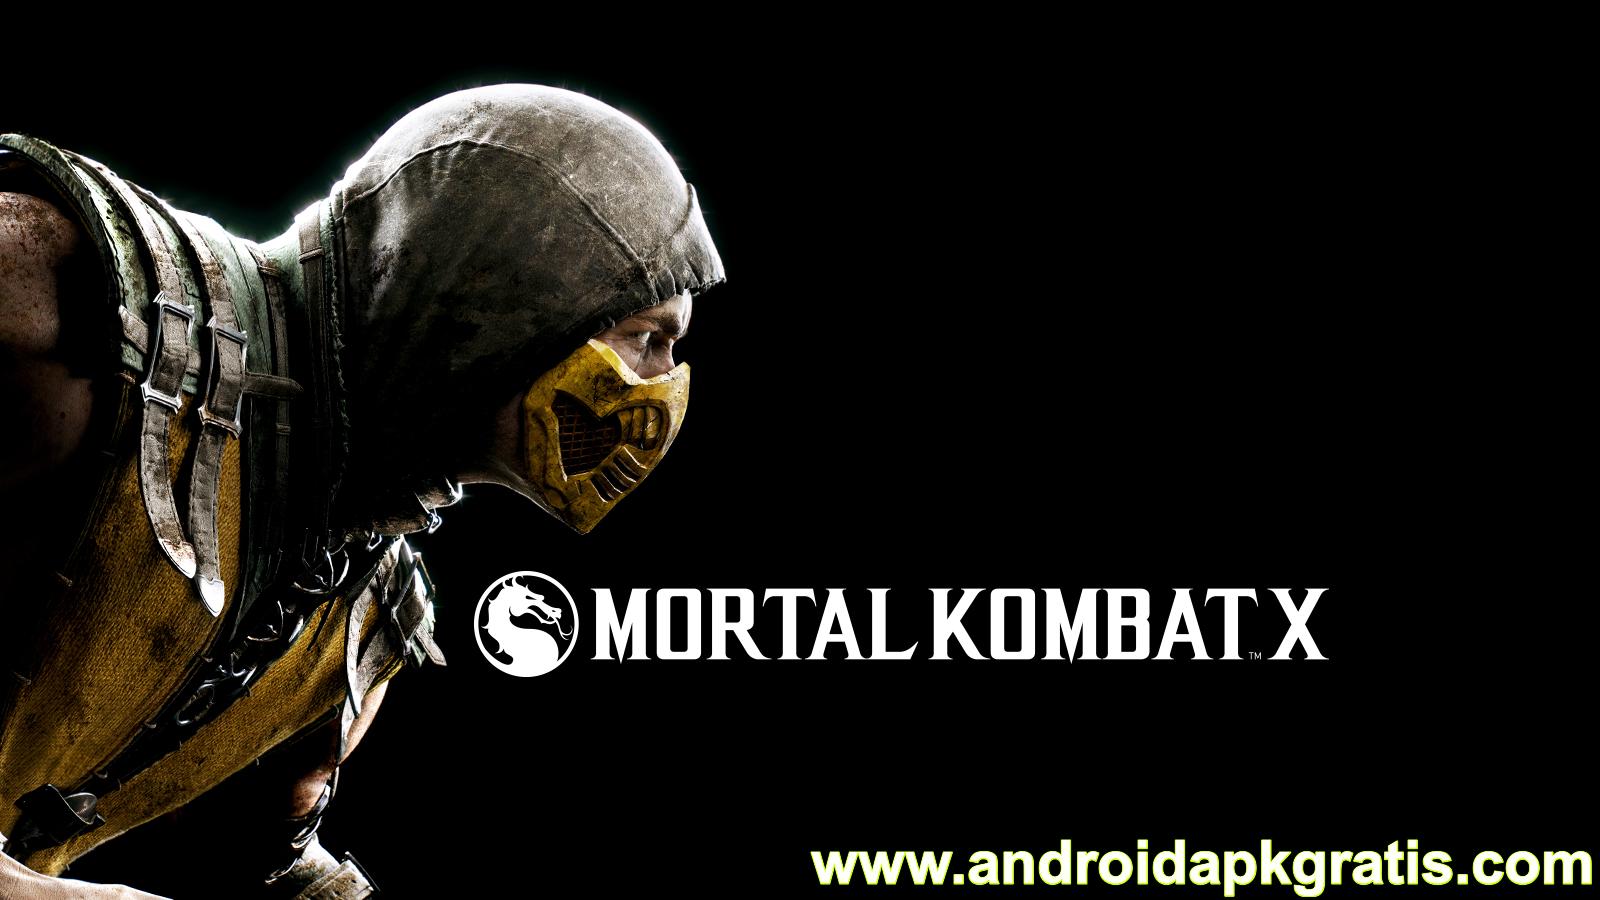 http://full-android-apk.blogspot.com/2015/07/mortal-kombat-x-v1.html